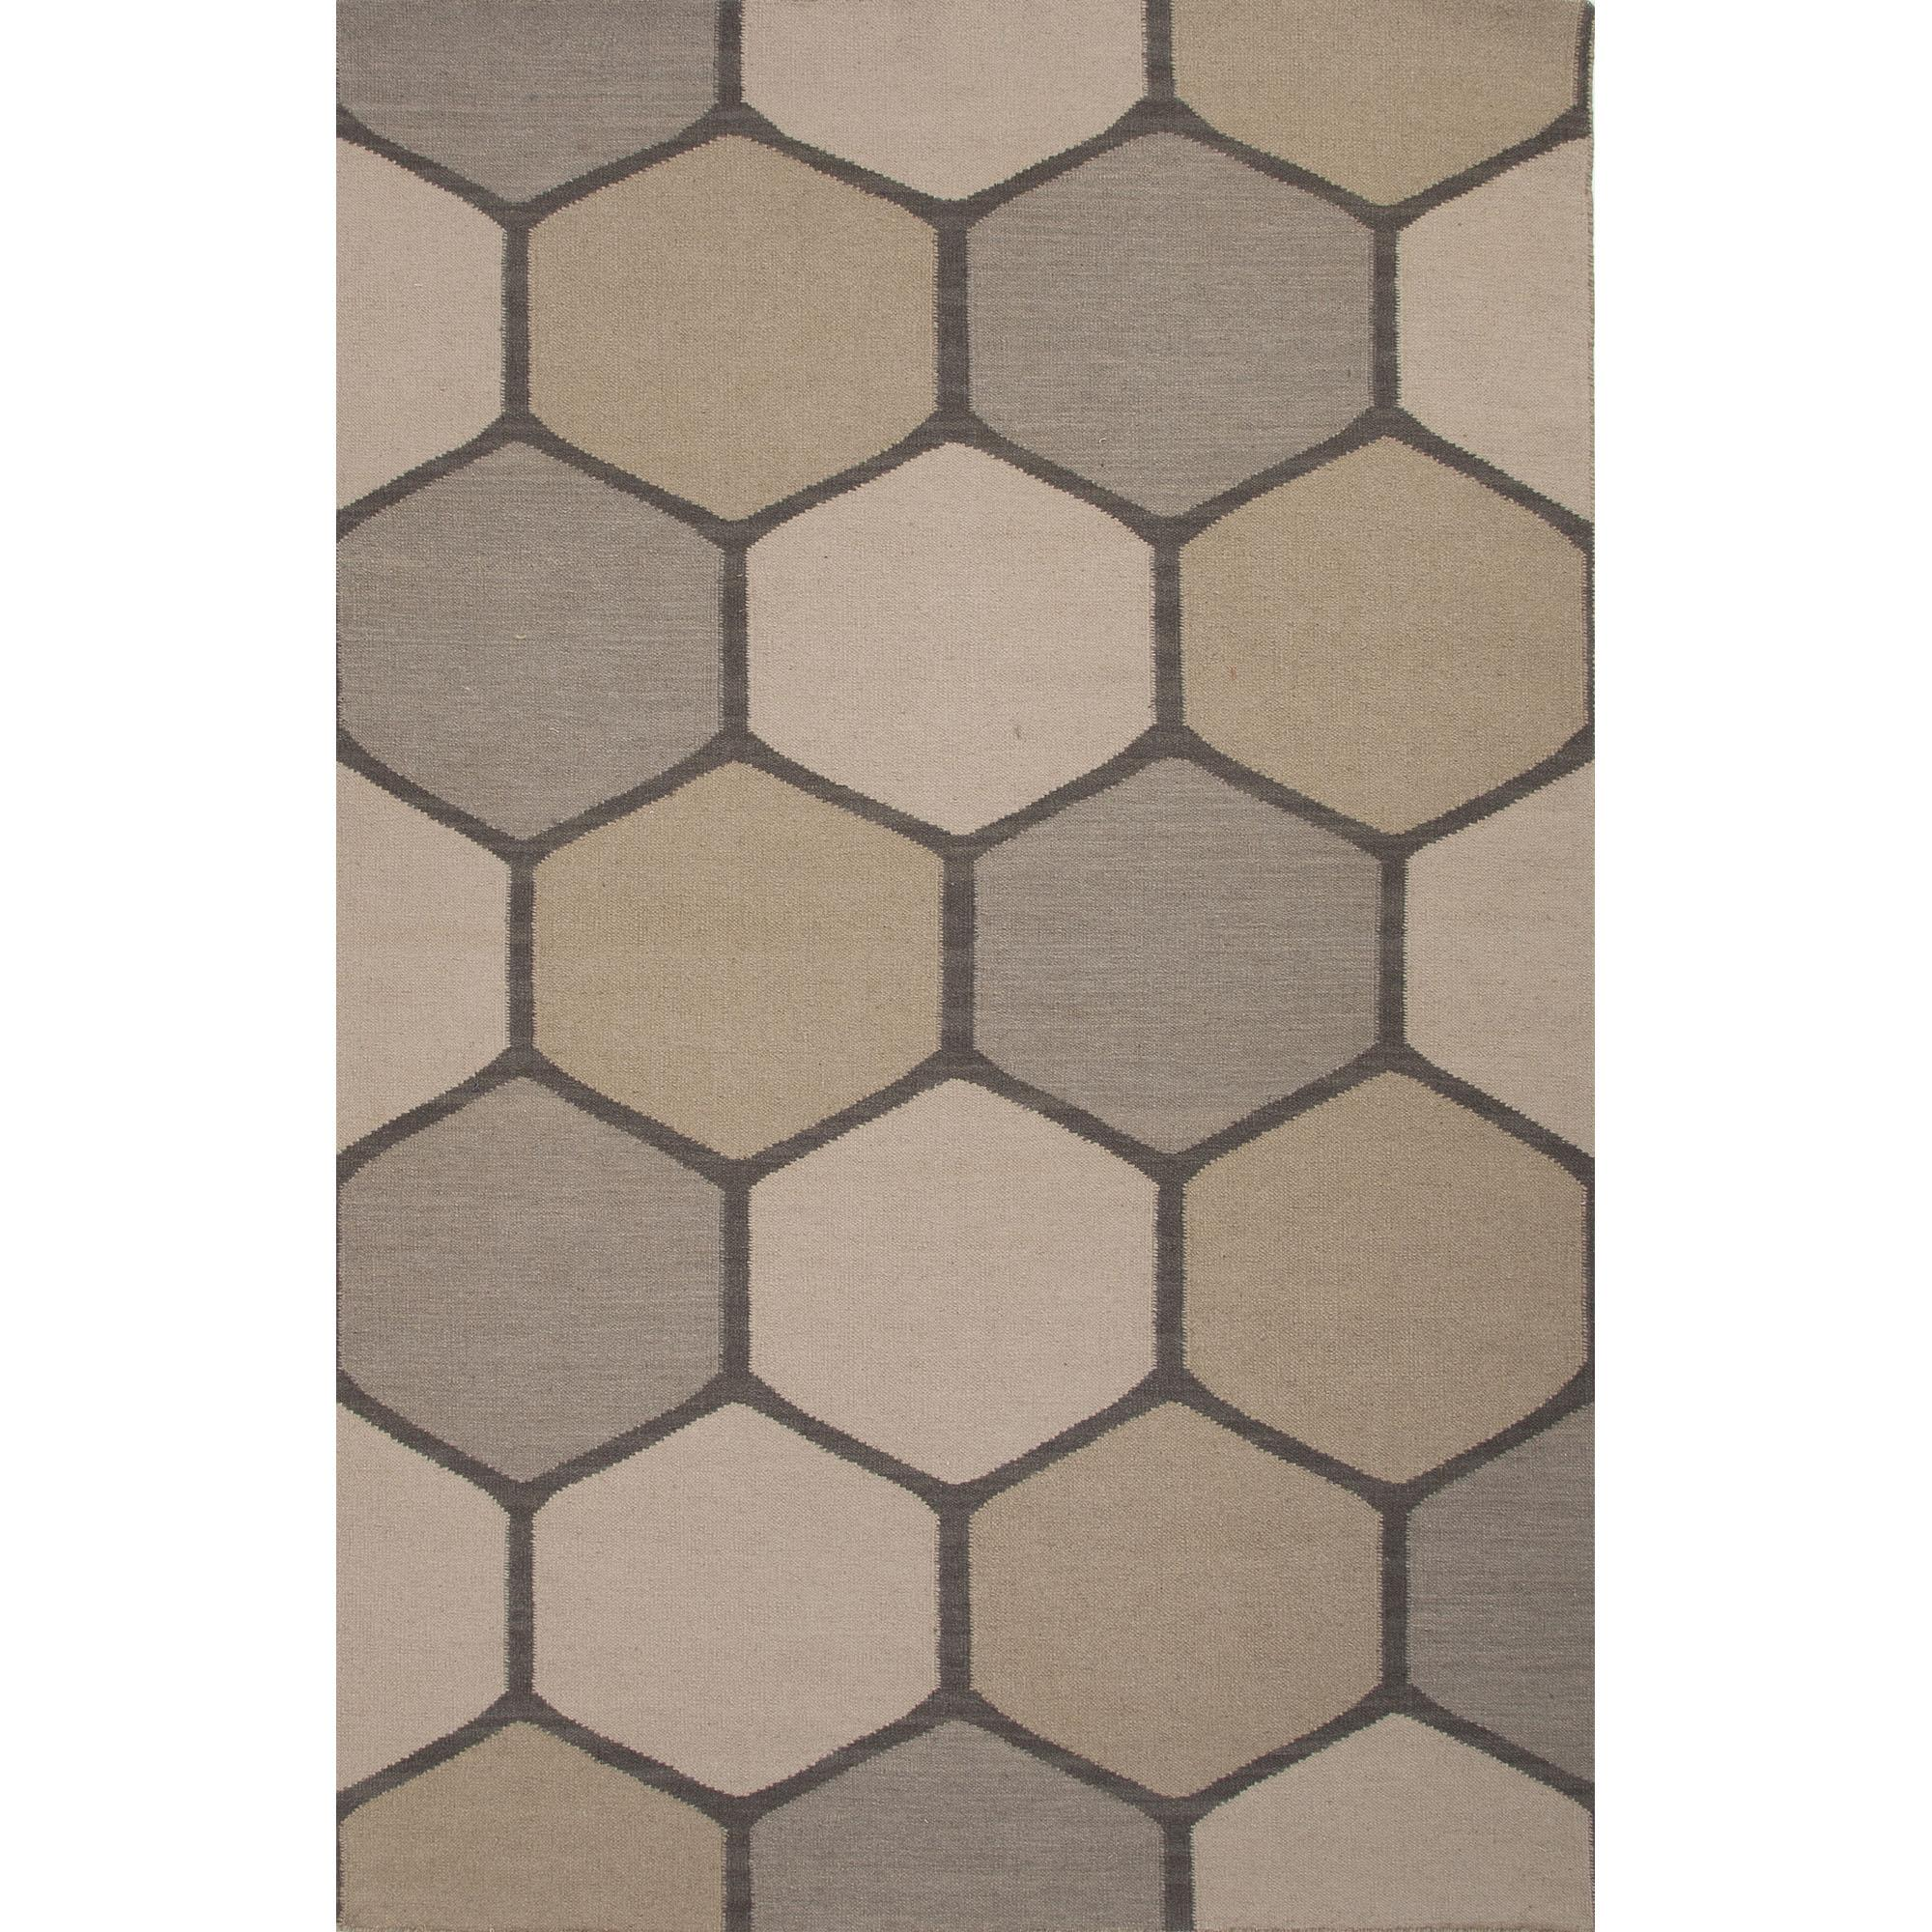 JAIPUR Rugs En Casa By Luli Sanchez Flat-weave 2 x 3 Rug - Item Number: RUG118947